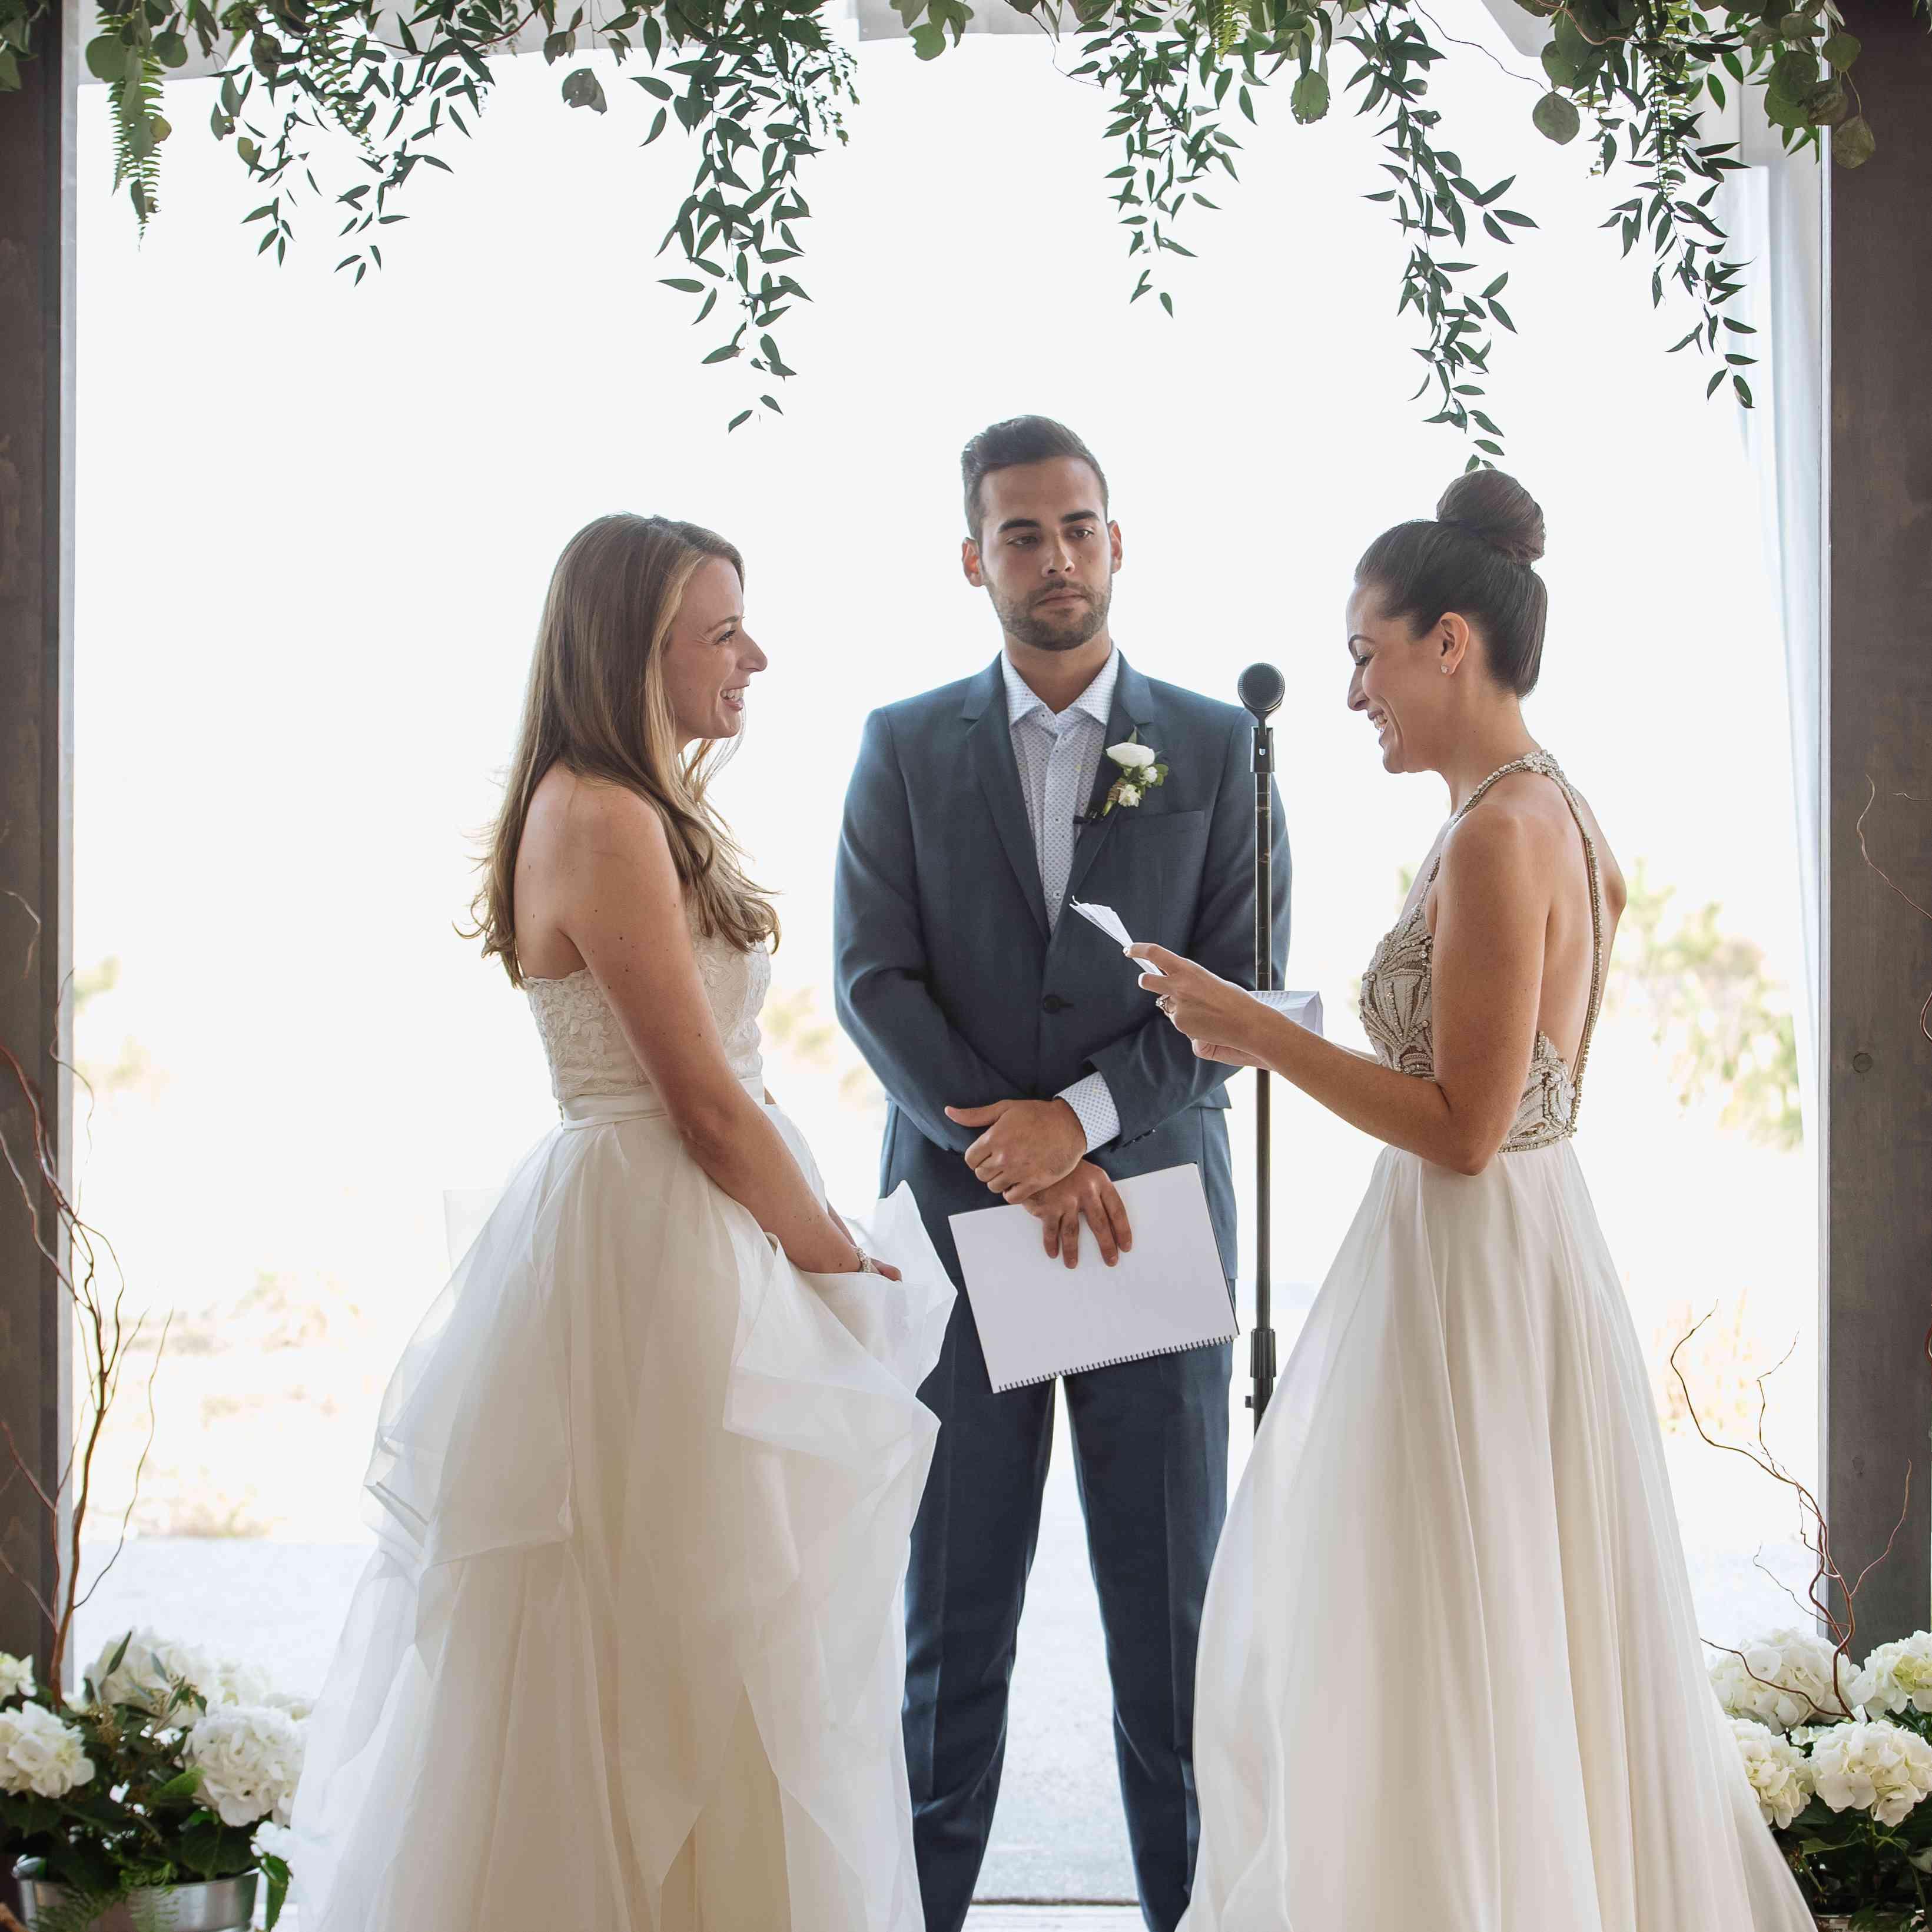 Brides During Ceremony